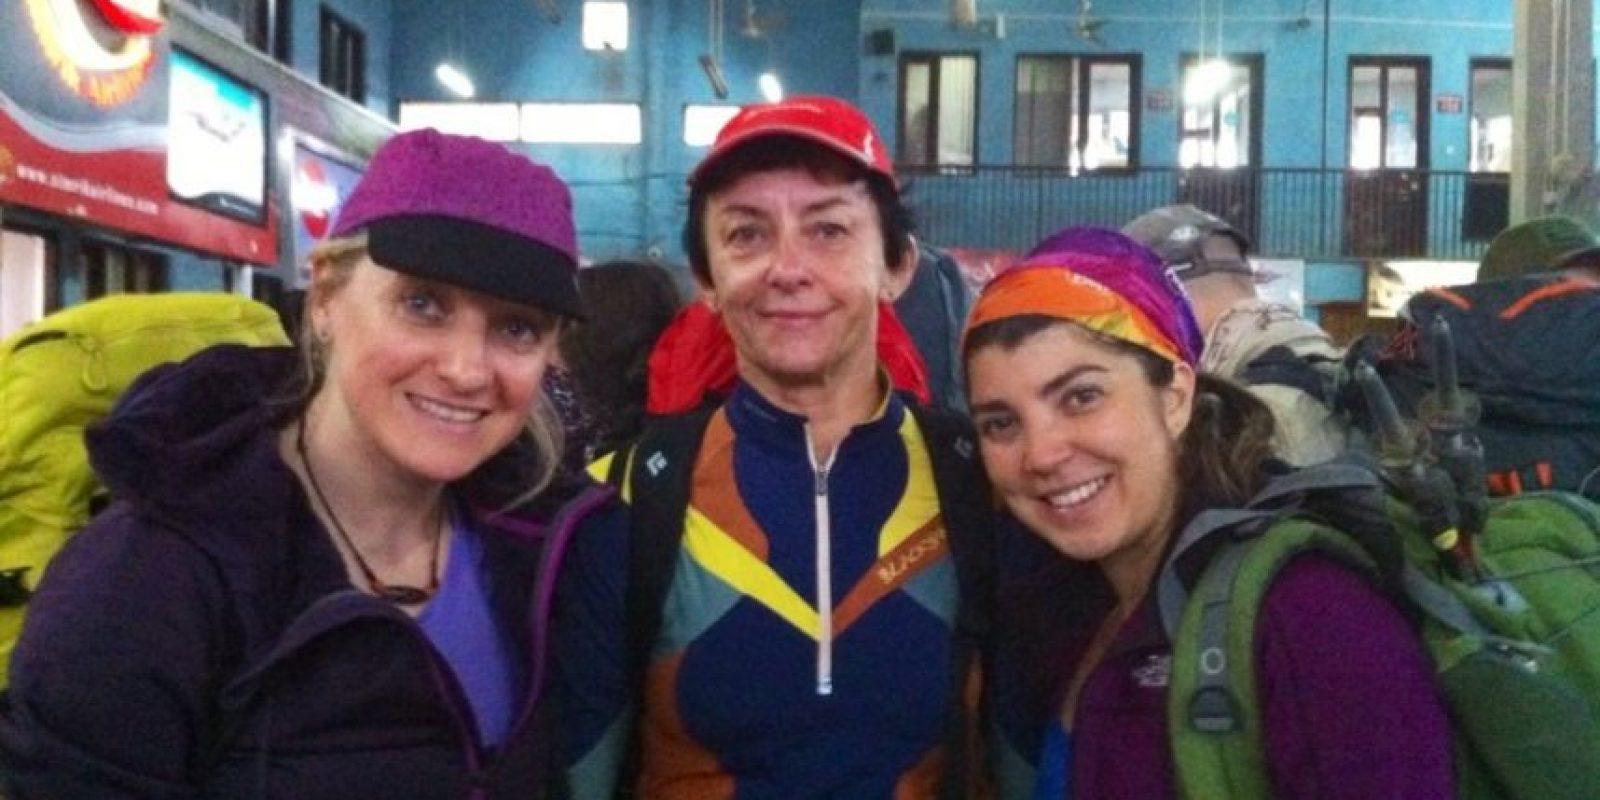 Bárbara Padilla ha compartido con diferentes personas, en sus primeros días de expedición. Foto:Facebook